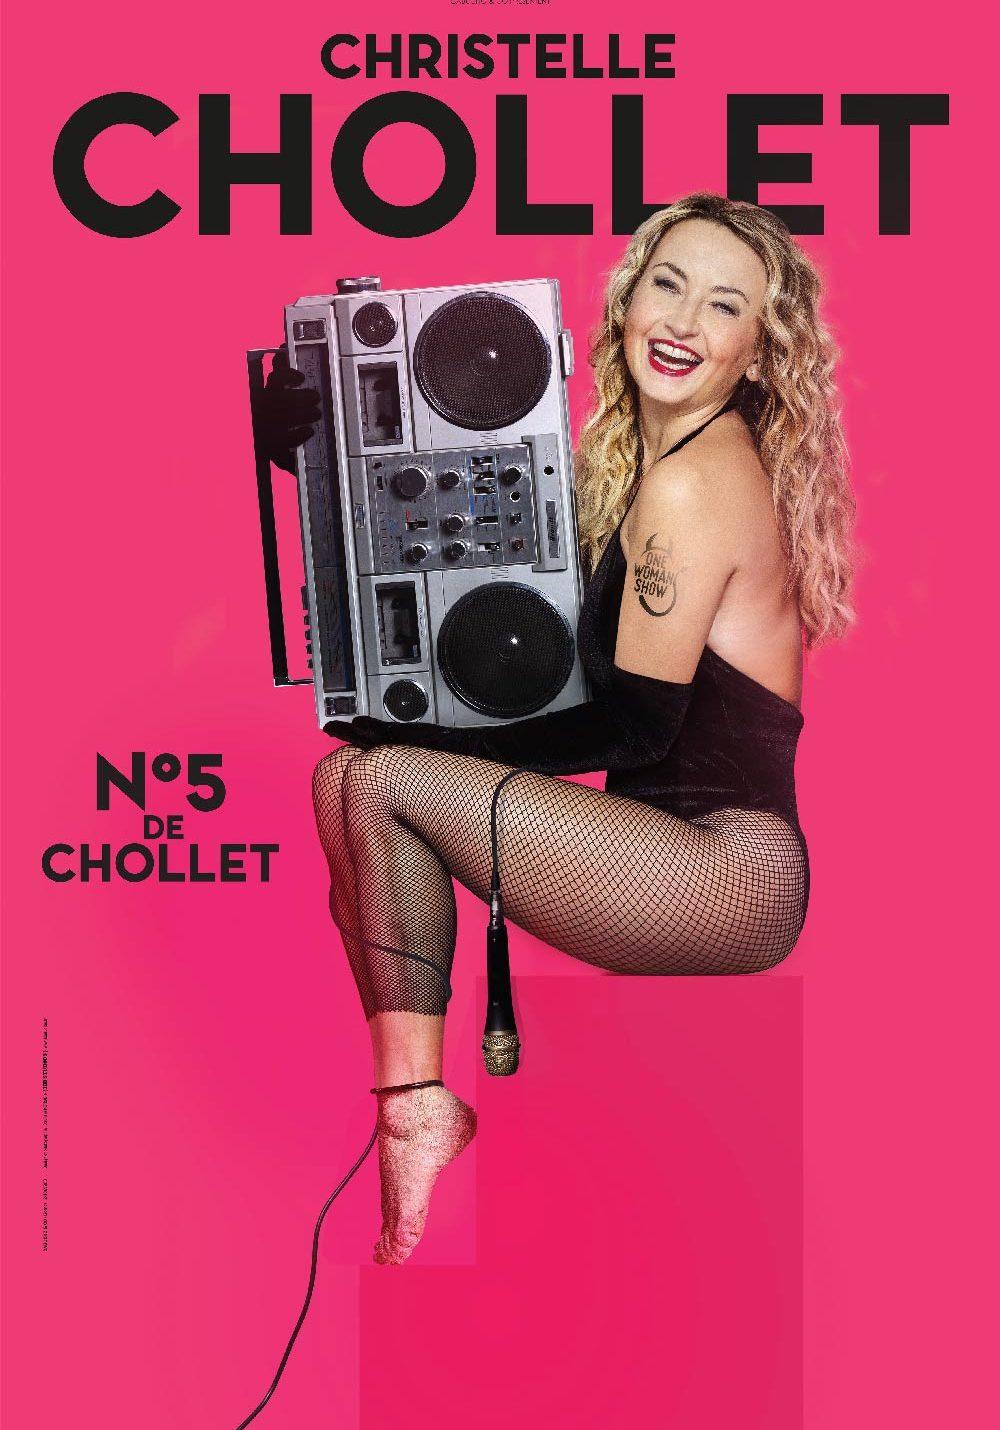 Christelle chollet Arcomik affiche